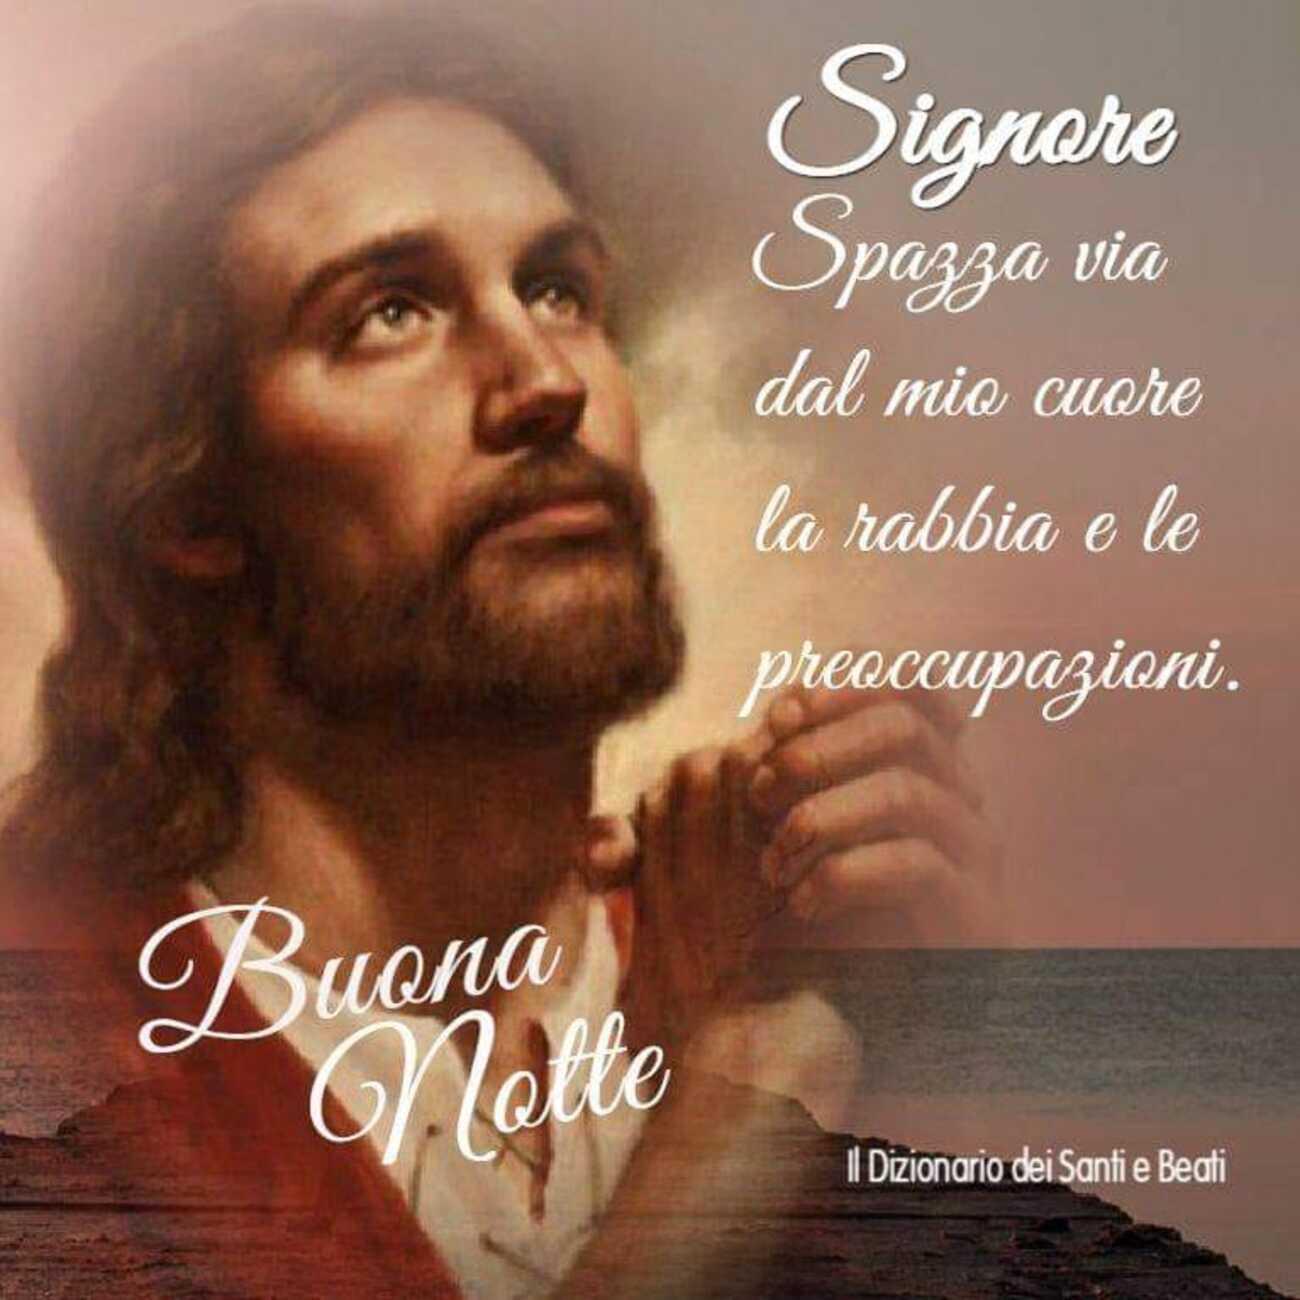 Buonanotte con Gesù immagini nuove (2)